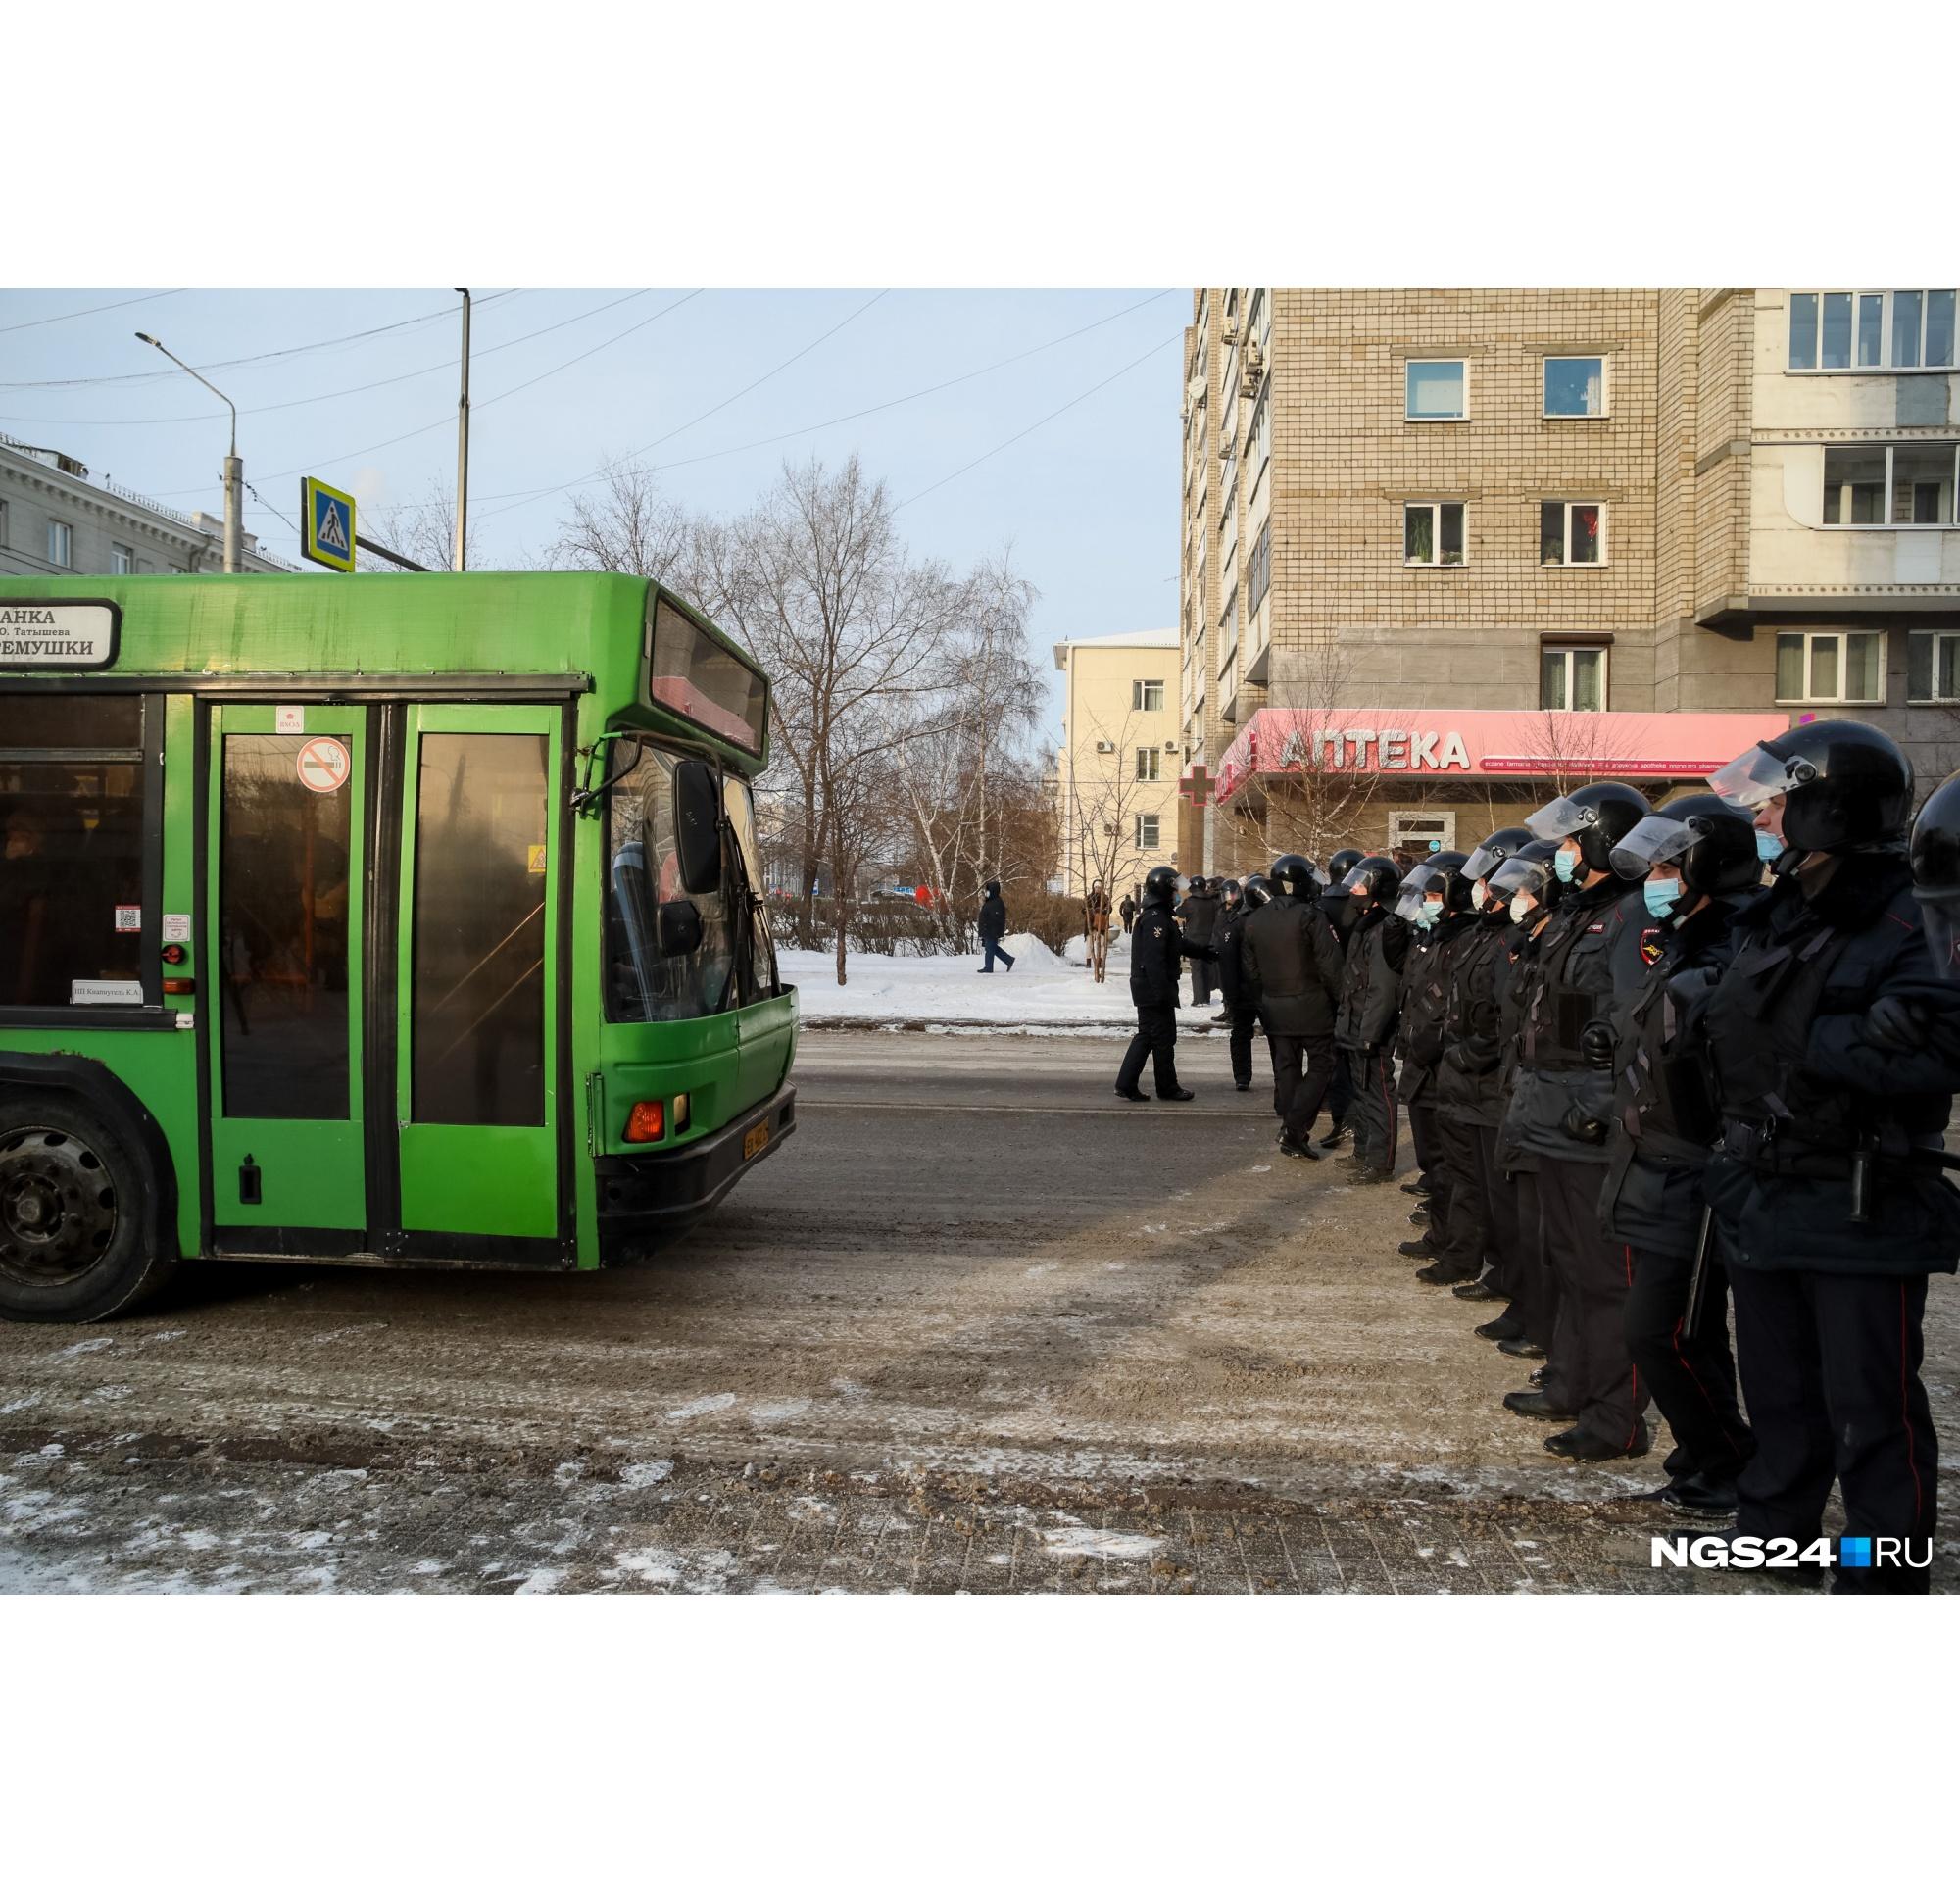 Водители автобусов в недоумении — их не пускают проехать дальше по Мира